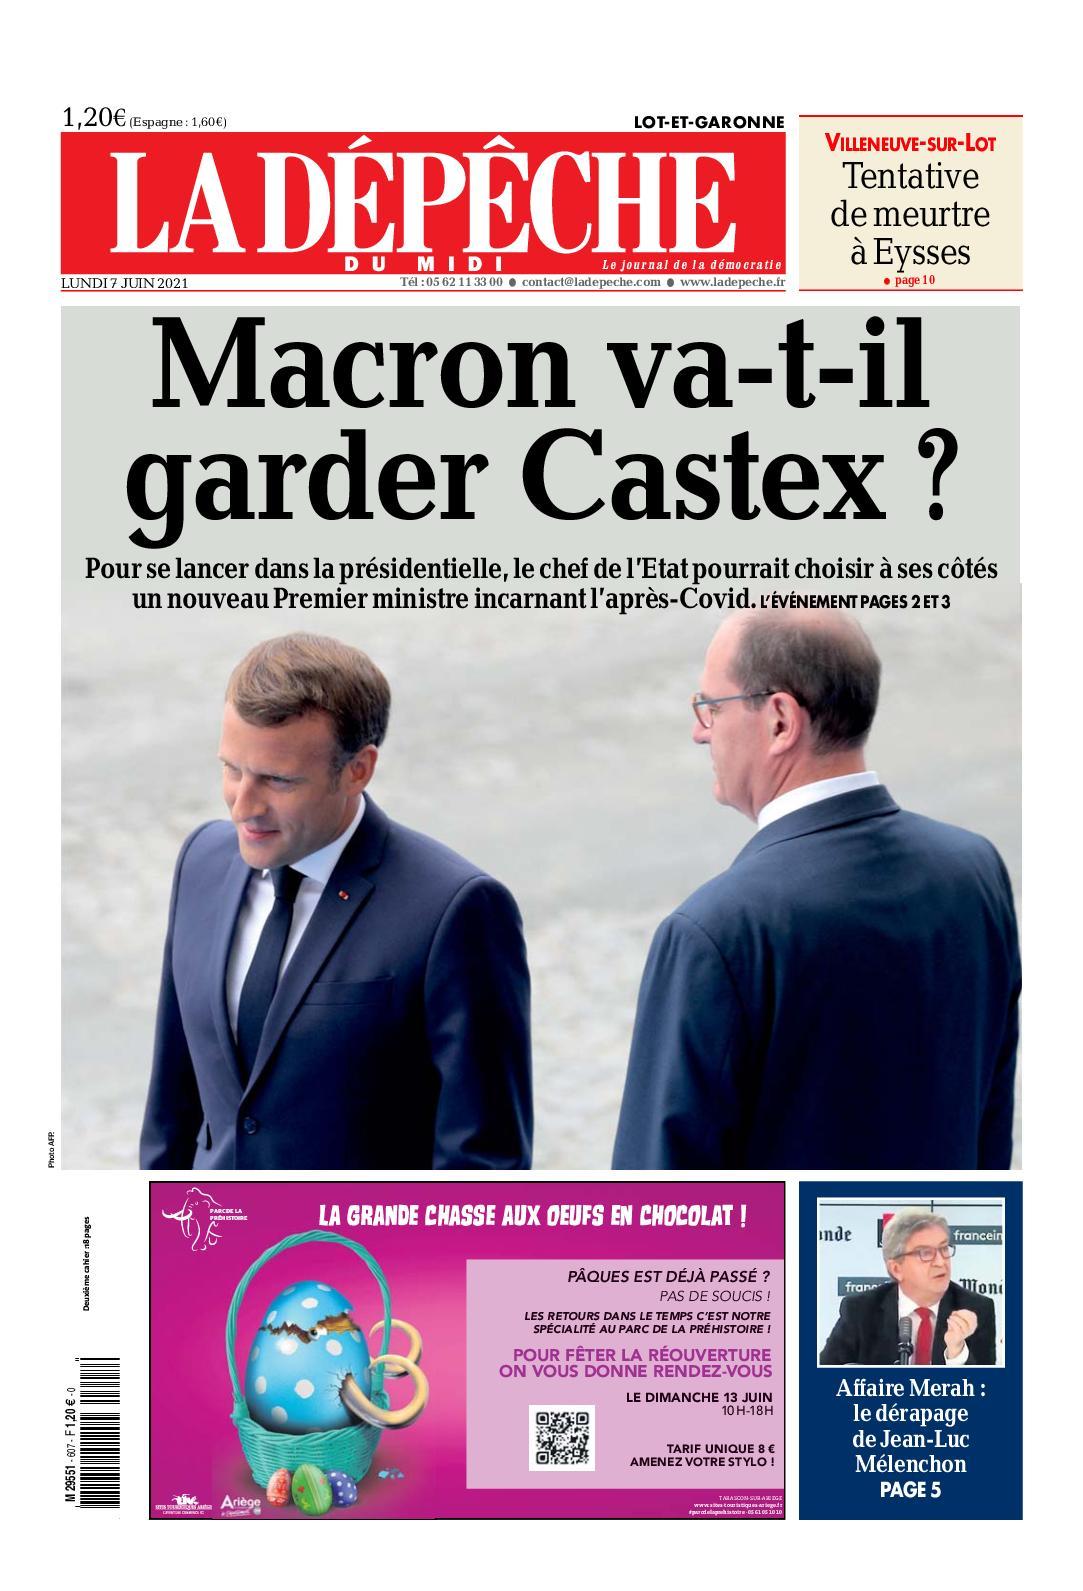 Les actualités de Gault&Millau